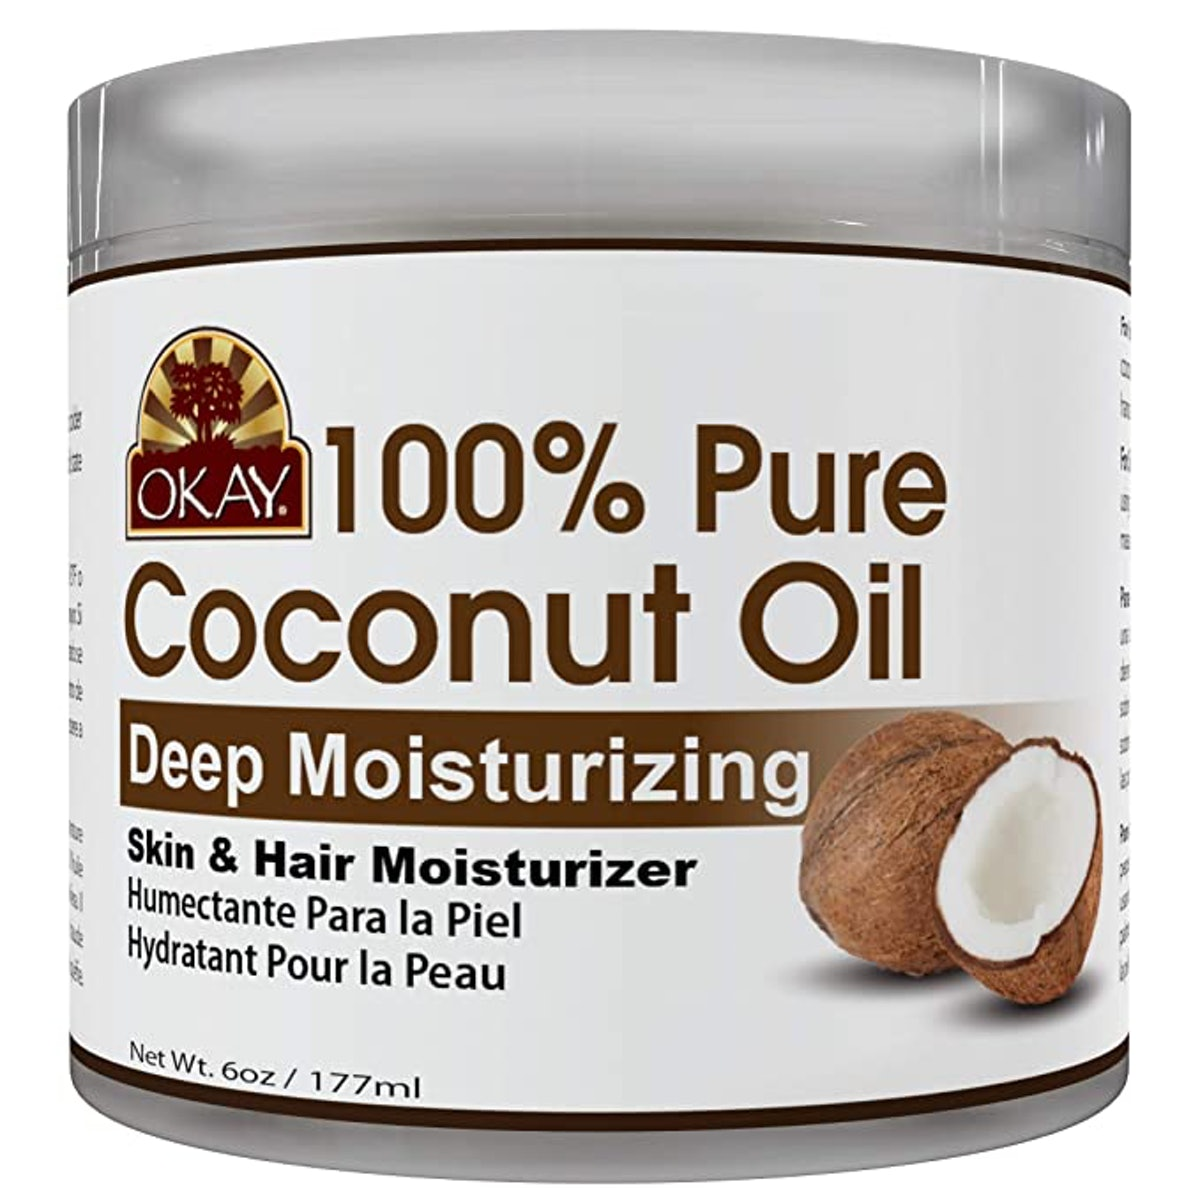 OKAY 100% Pure Coconut Oil